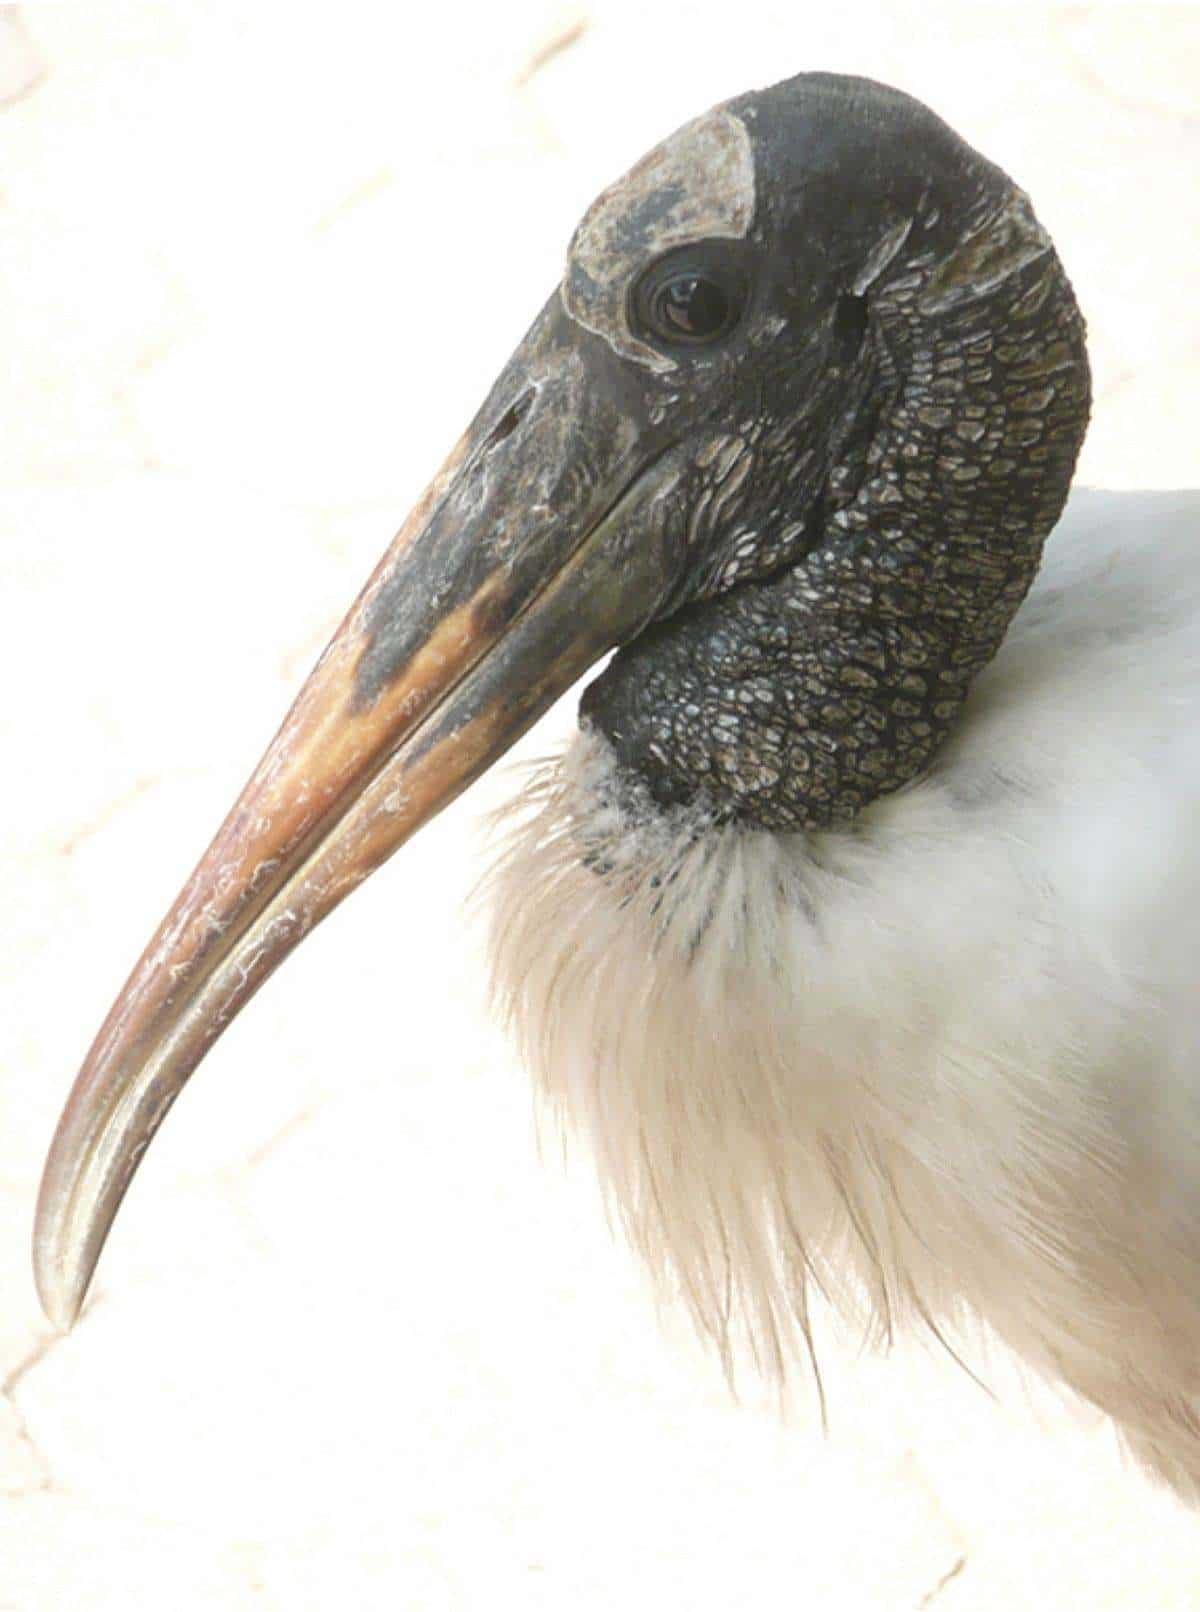 Wood-Stork-Portrait.jpg-nggid03270-ngg0dyn-1200x1612x100-00f0w010c010r110f110r010t010